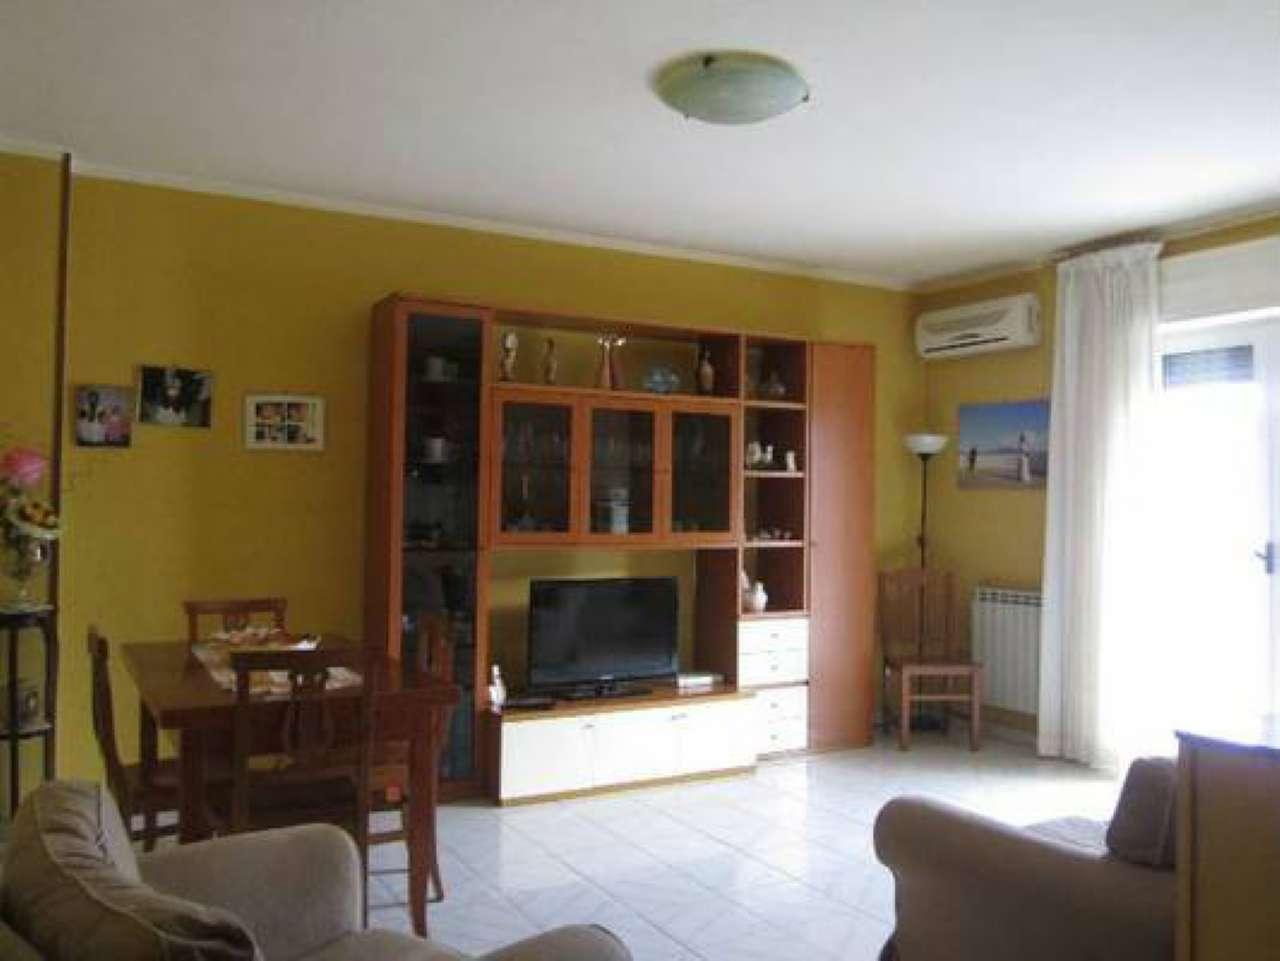 Appartamento in vendita a Giugliano in Campania, 5 locali, prezzo € 118.000 | Cambio Casa.it